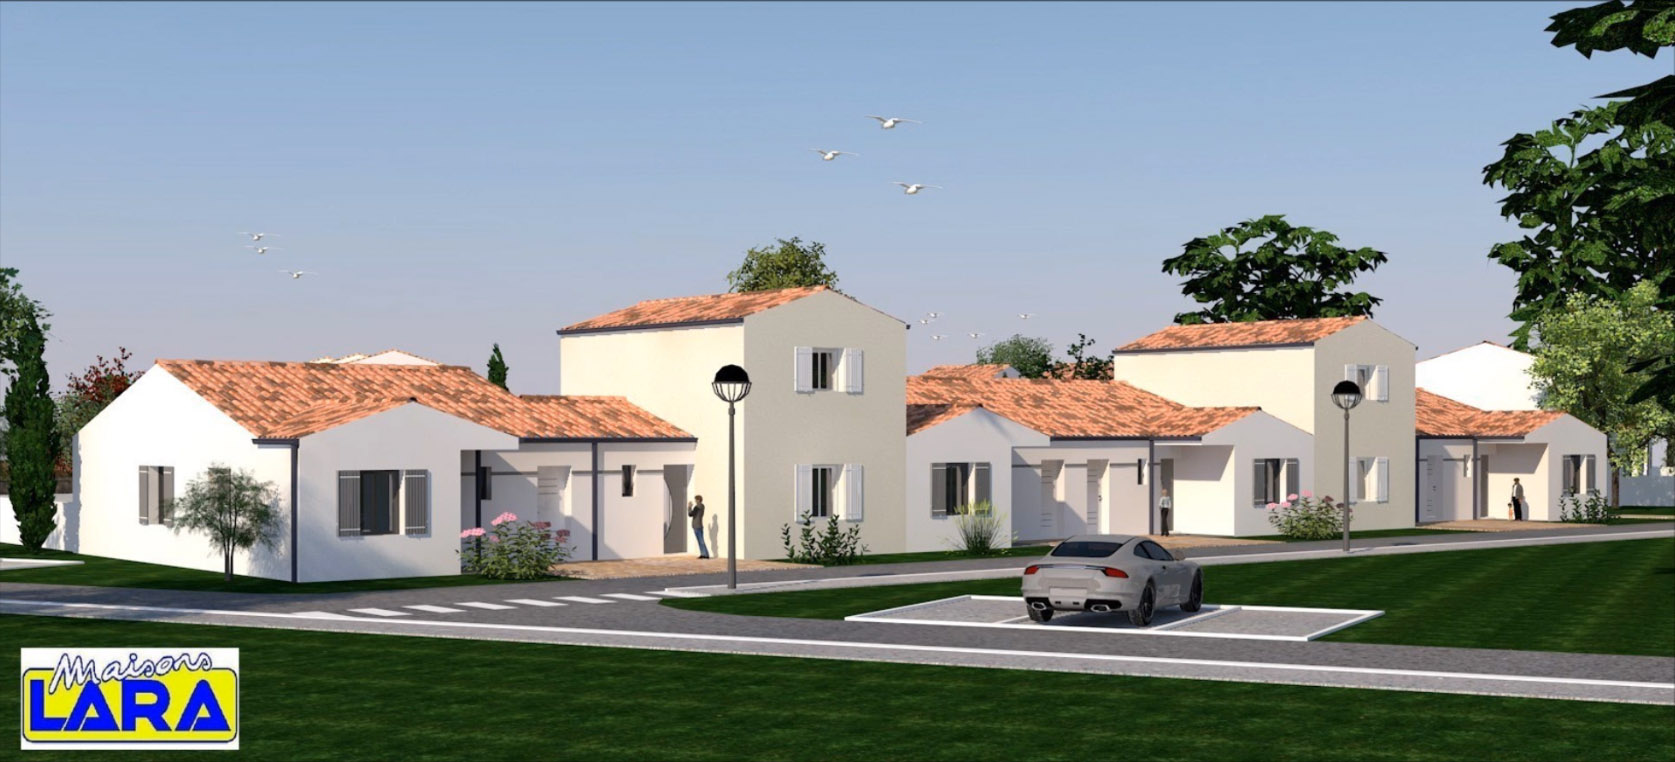 Votre projet de construction angliers 17 lotissement for Projet de construction de maison